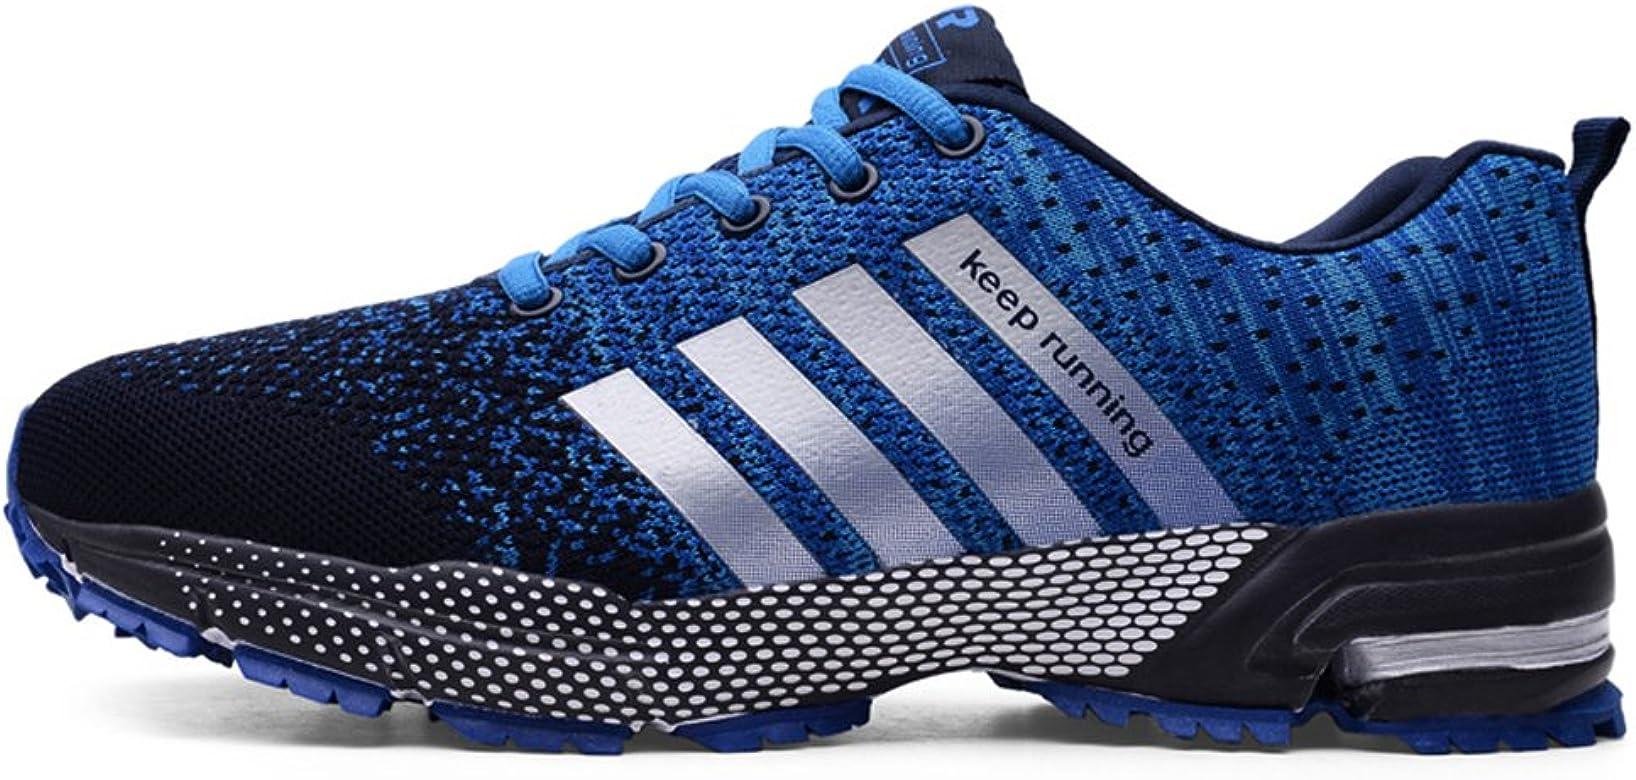 Deportes para Hombres Zapatos para Correr para Caminar Trainers Jogging Athletic Sneakers Zapatos Hombres: Amazon.es: Zapatos y complementos